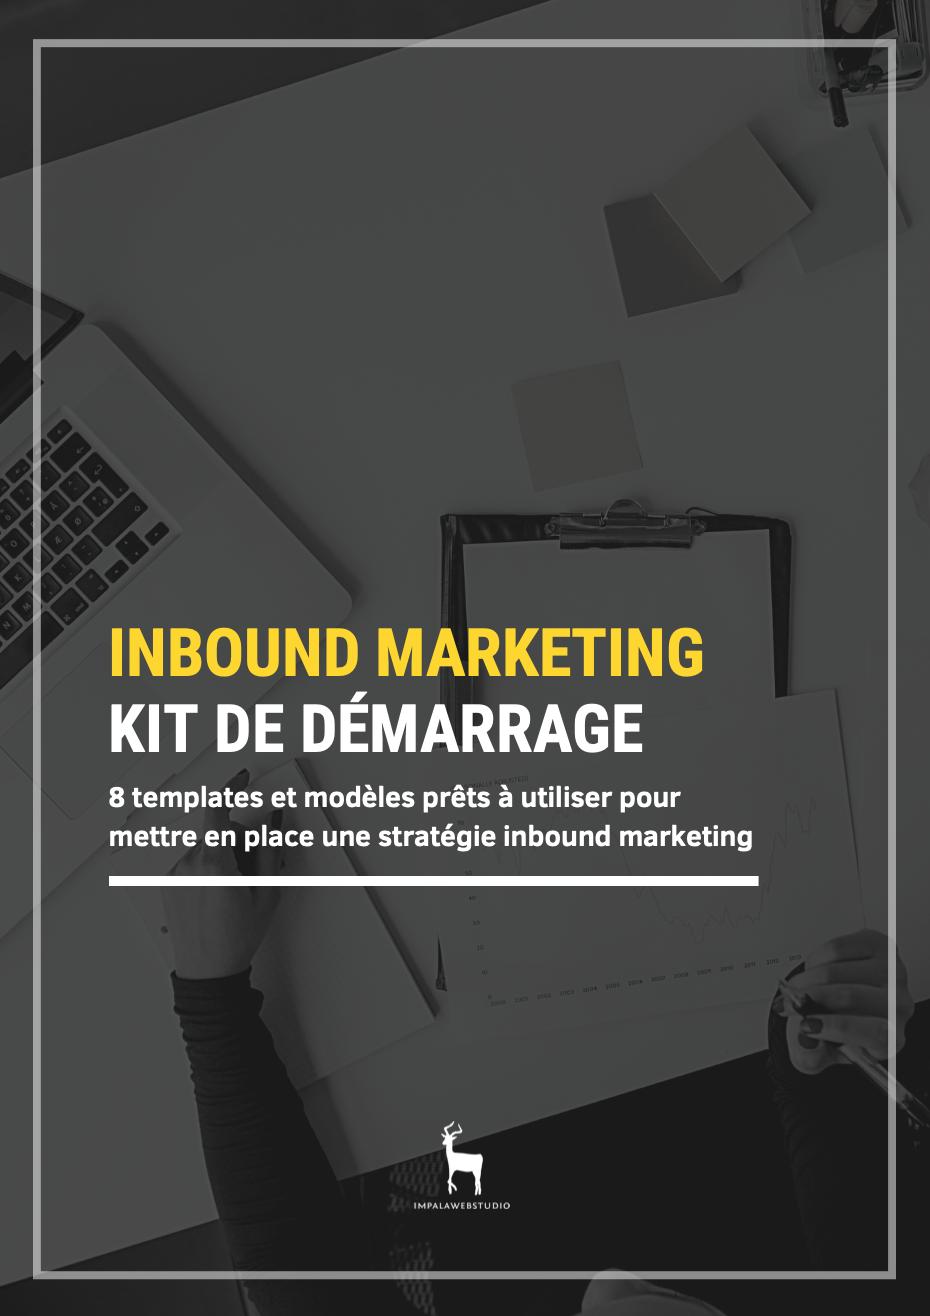 kit de demarrage inbound marketing